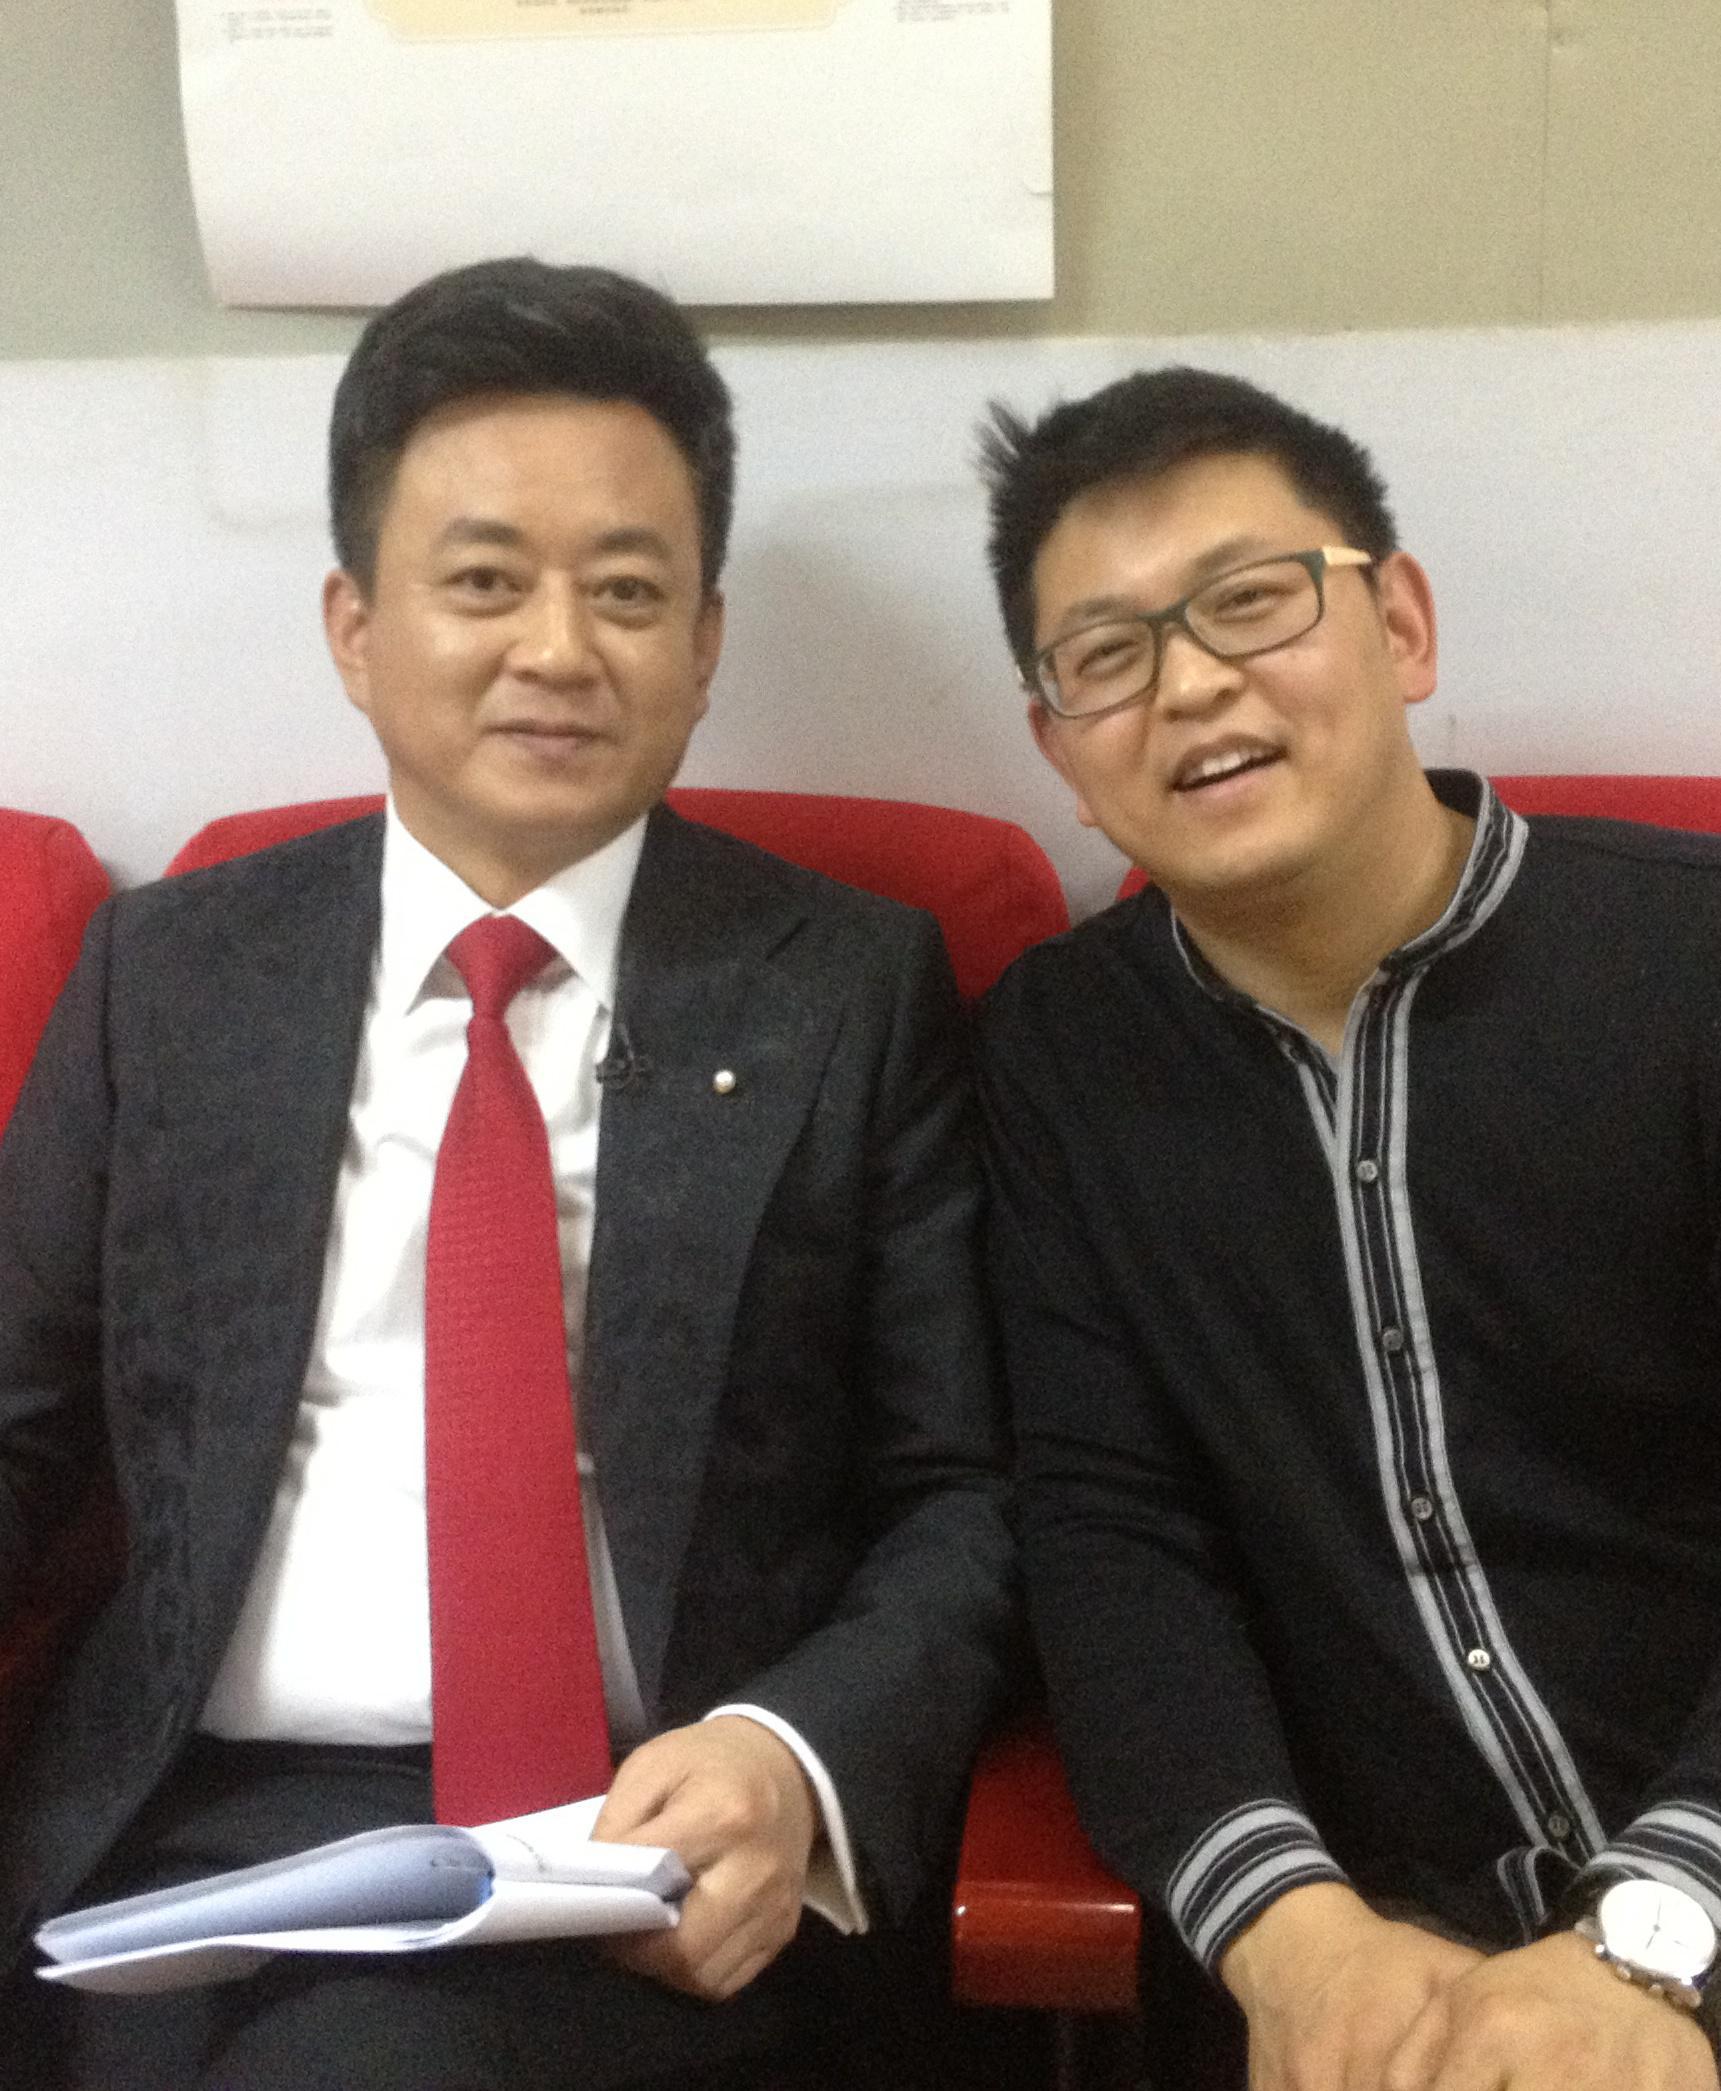 中国广播艺术团主持人,演员侯林林图片